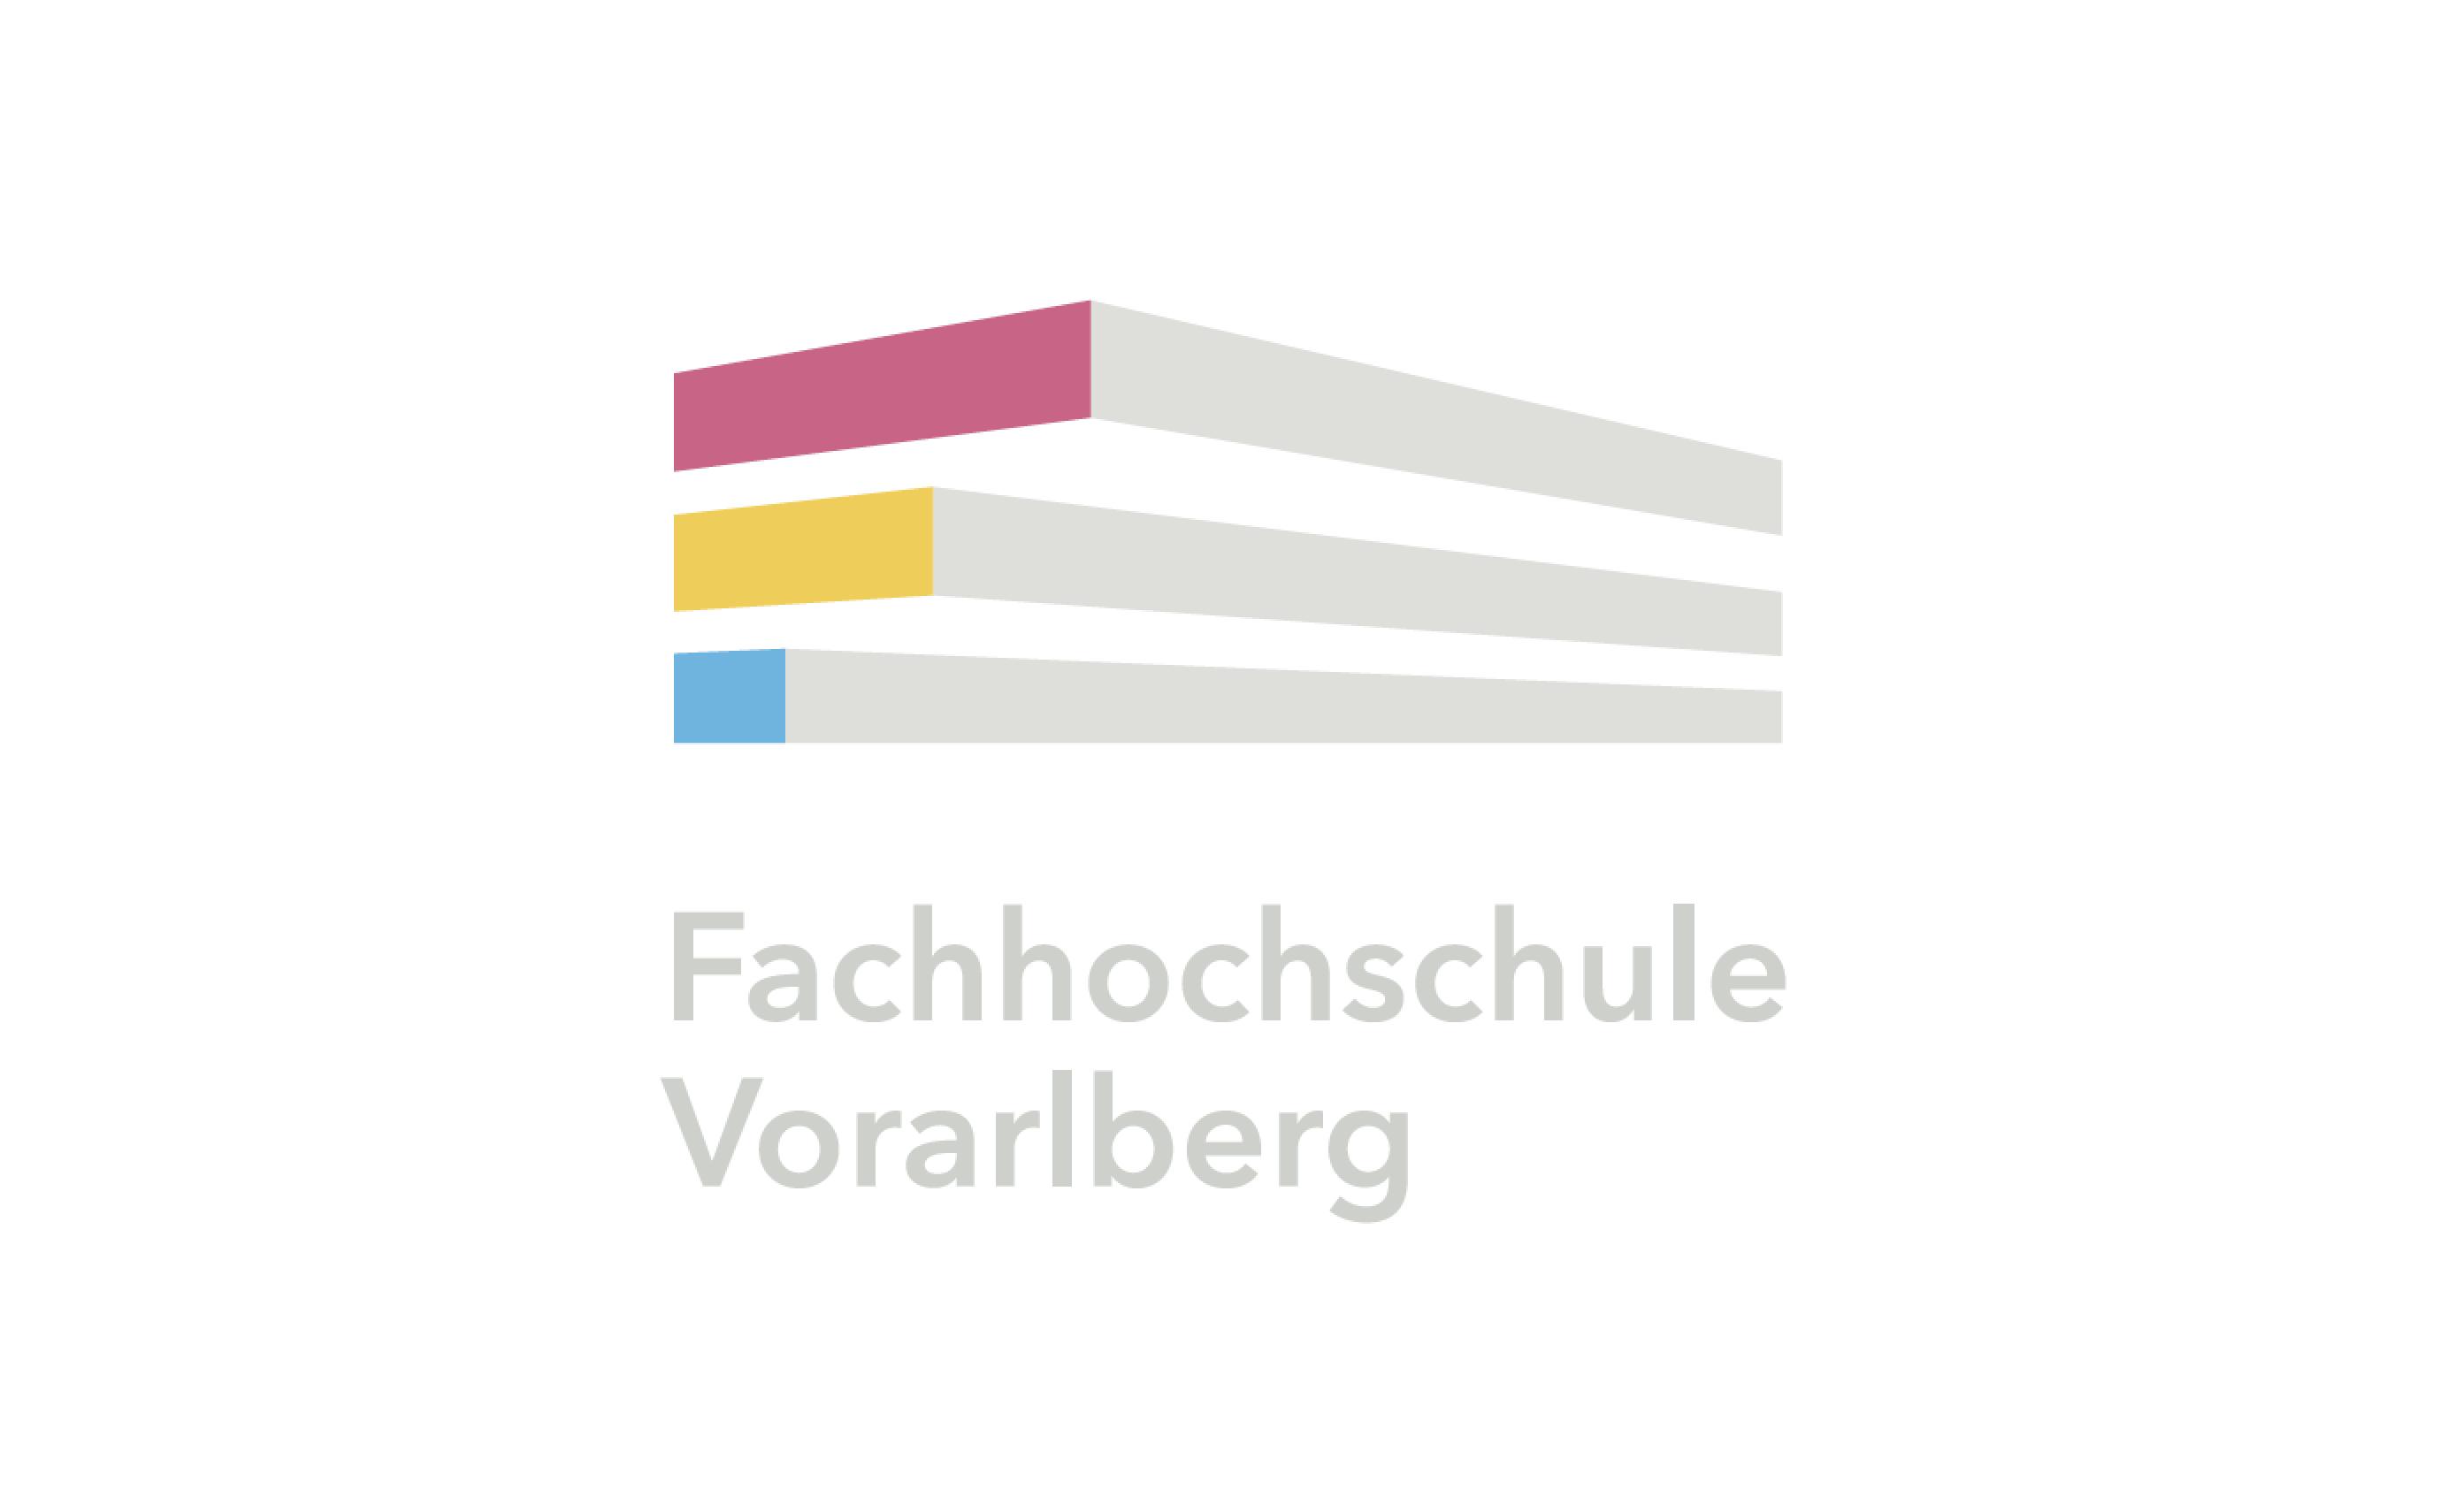 Wir freuen uns über den gewonnenen Teilauftrag (Webportal) der Fachhochschule Vorarlberg. Die Ausschreibung des Wettbewerbs beinhaltete die Überarbeitung des Markenauftrittes der FH Vorarlberg.